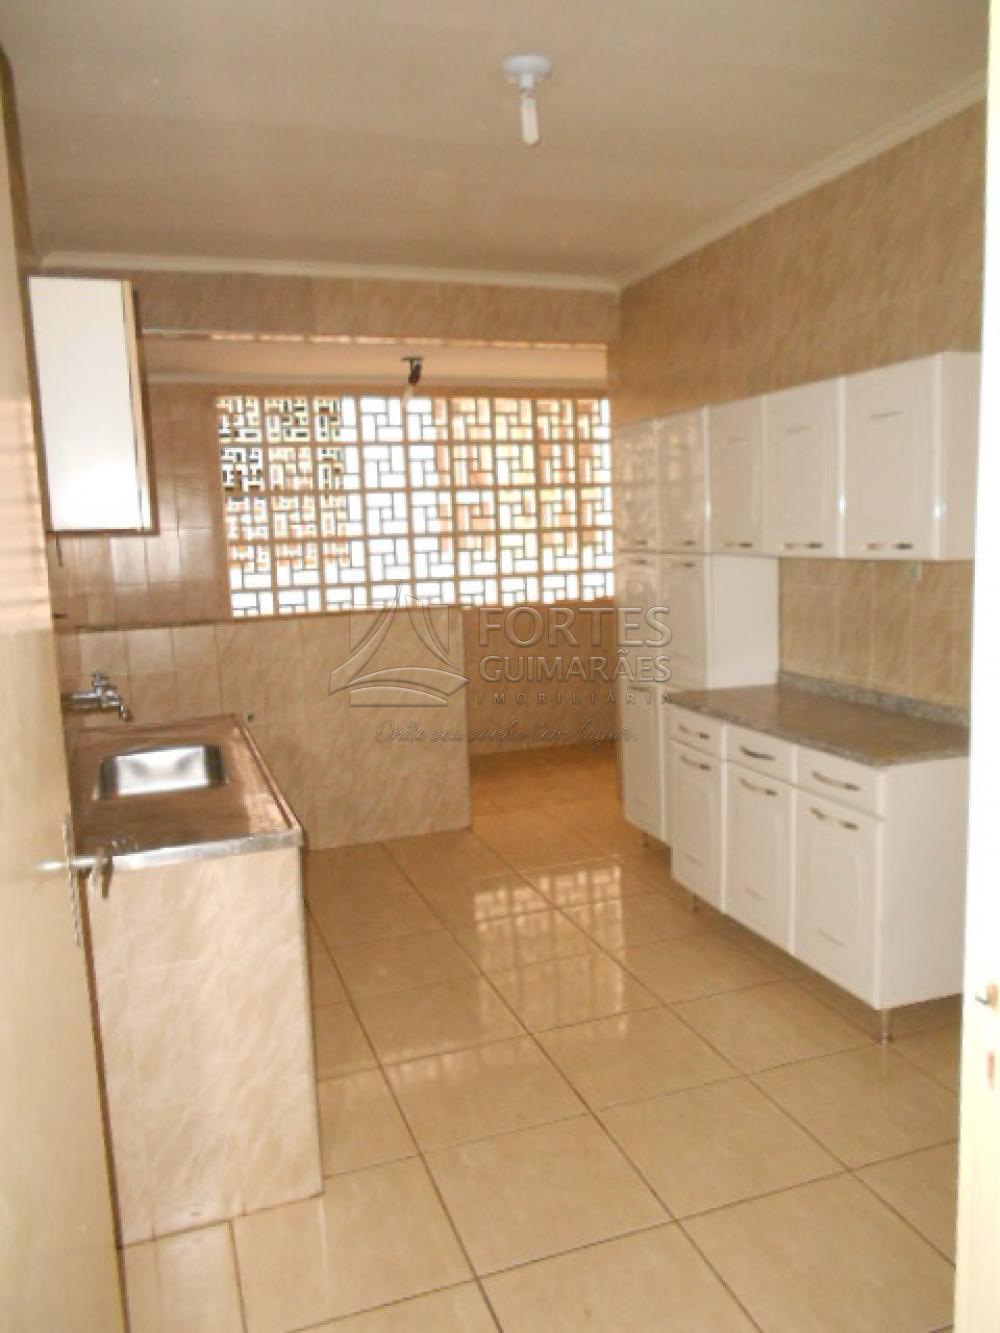 Alugar Apartamentos / Padrão em Ribeirão Preto apenas R$ 800,00 - Foto 21